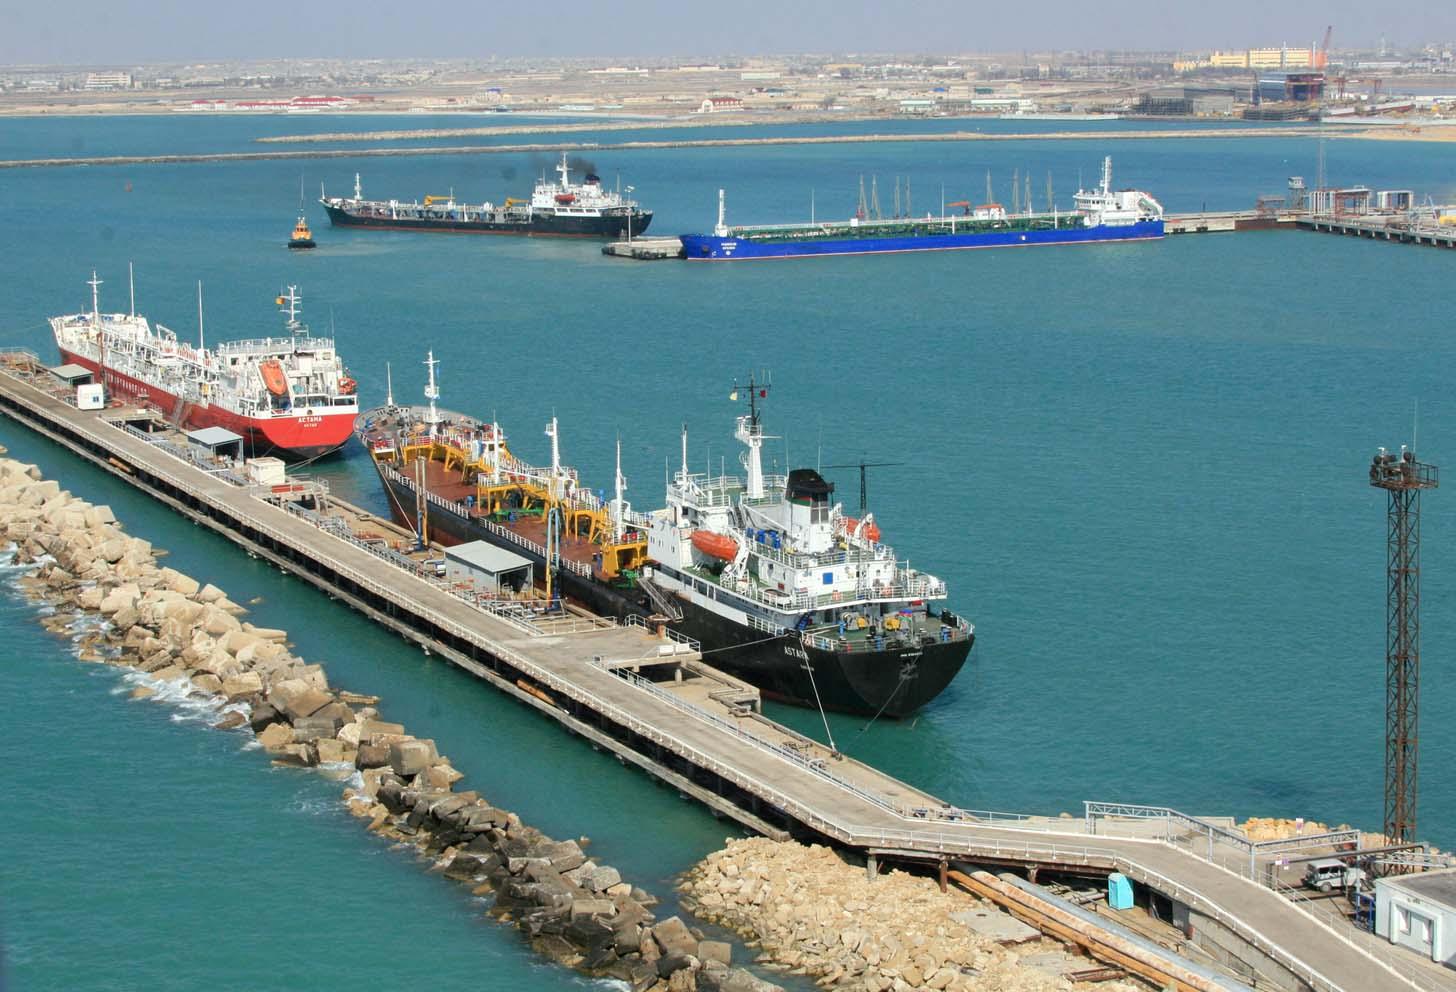 Қазақстан теңіз порттары арқылы өтетін транзиттік жүк тасымалын арттырмақ